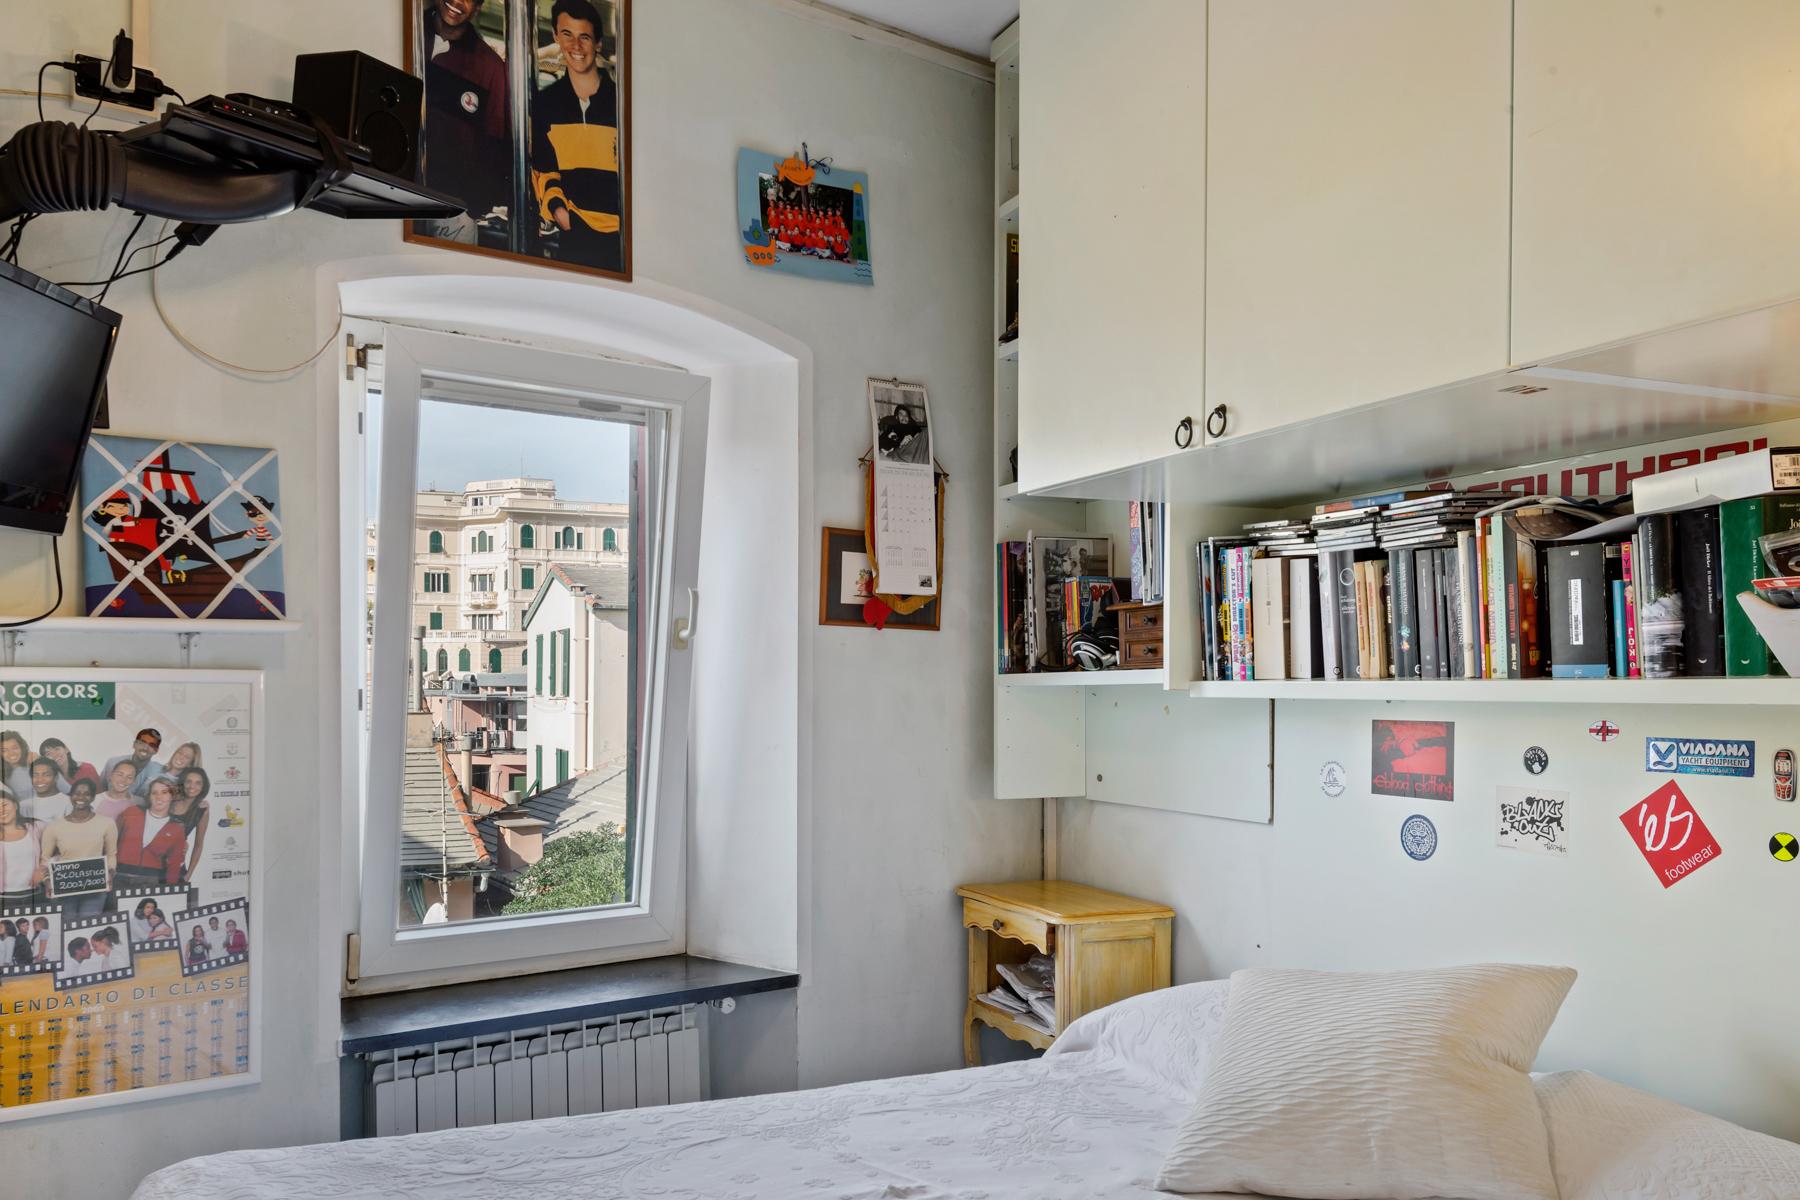 Casa indipendente in Vendita a Genova: 5 locali, 150 mq - Foto 5